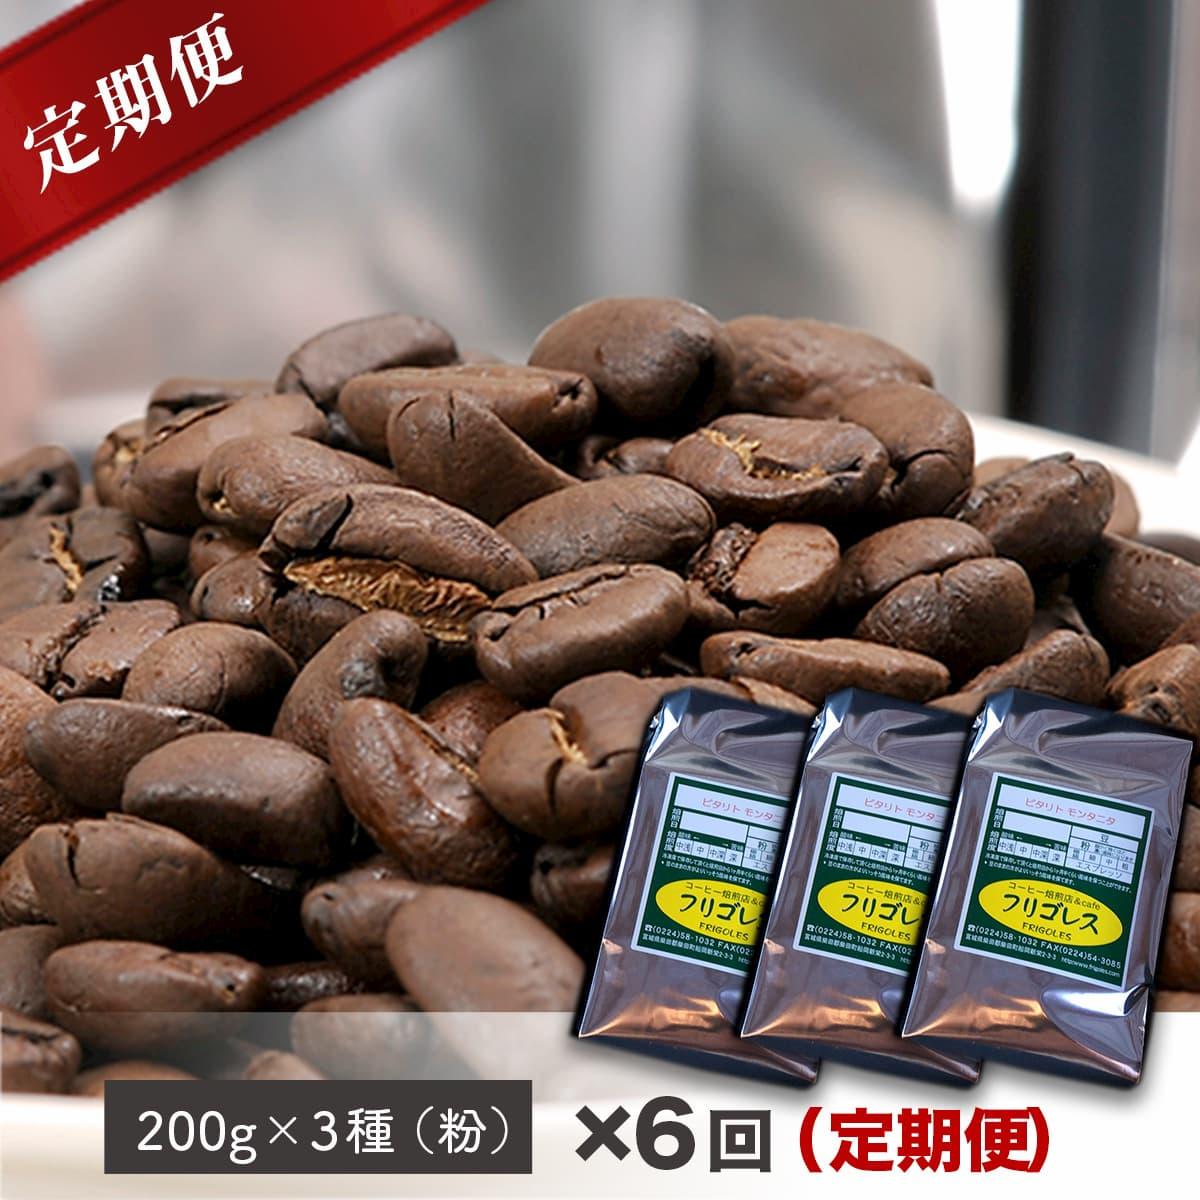 【ふるさと納税】【定期便で毎月お届け!】フリゴレス 世界の豆の旅 プレミアム 3種 コーヒーセット (挽粉)6回お届け